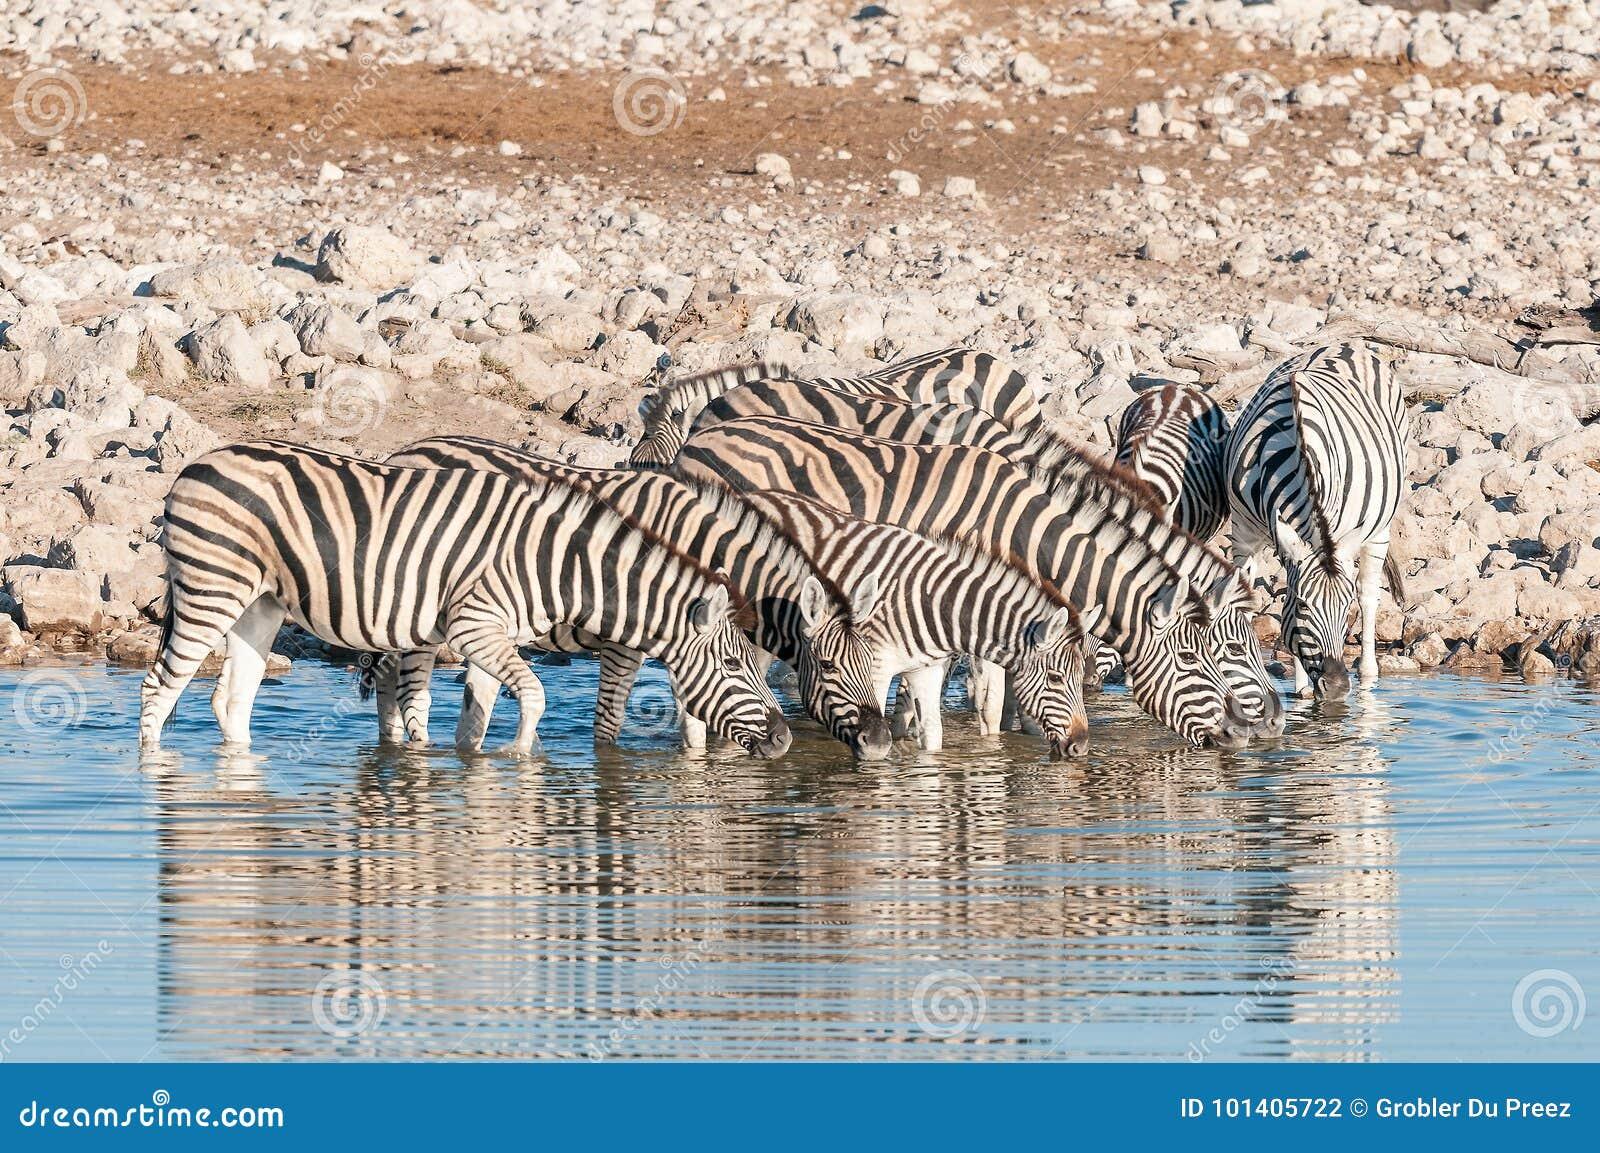 Burchells Zebras Equus quagga burchellii drinking water